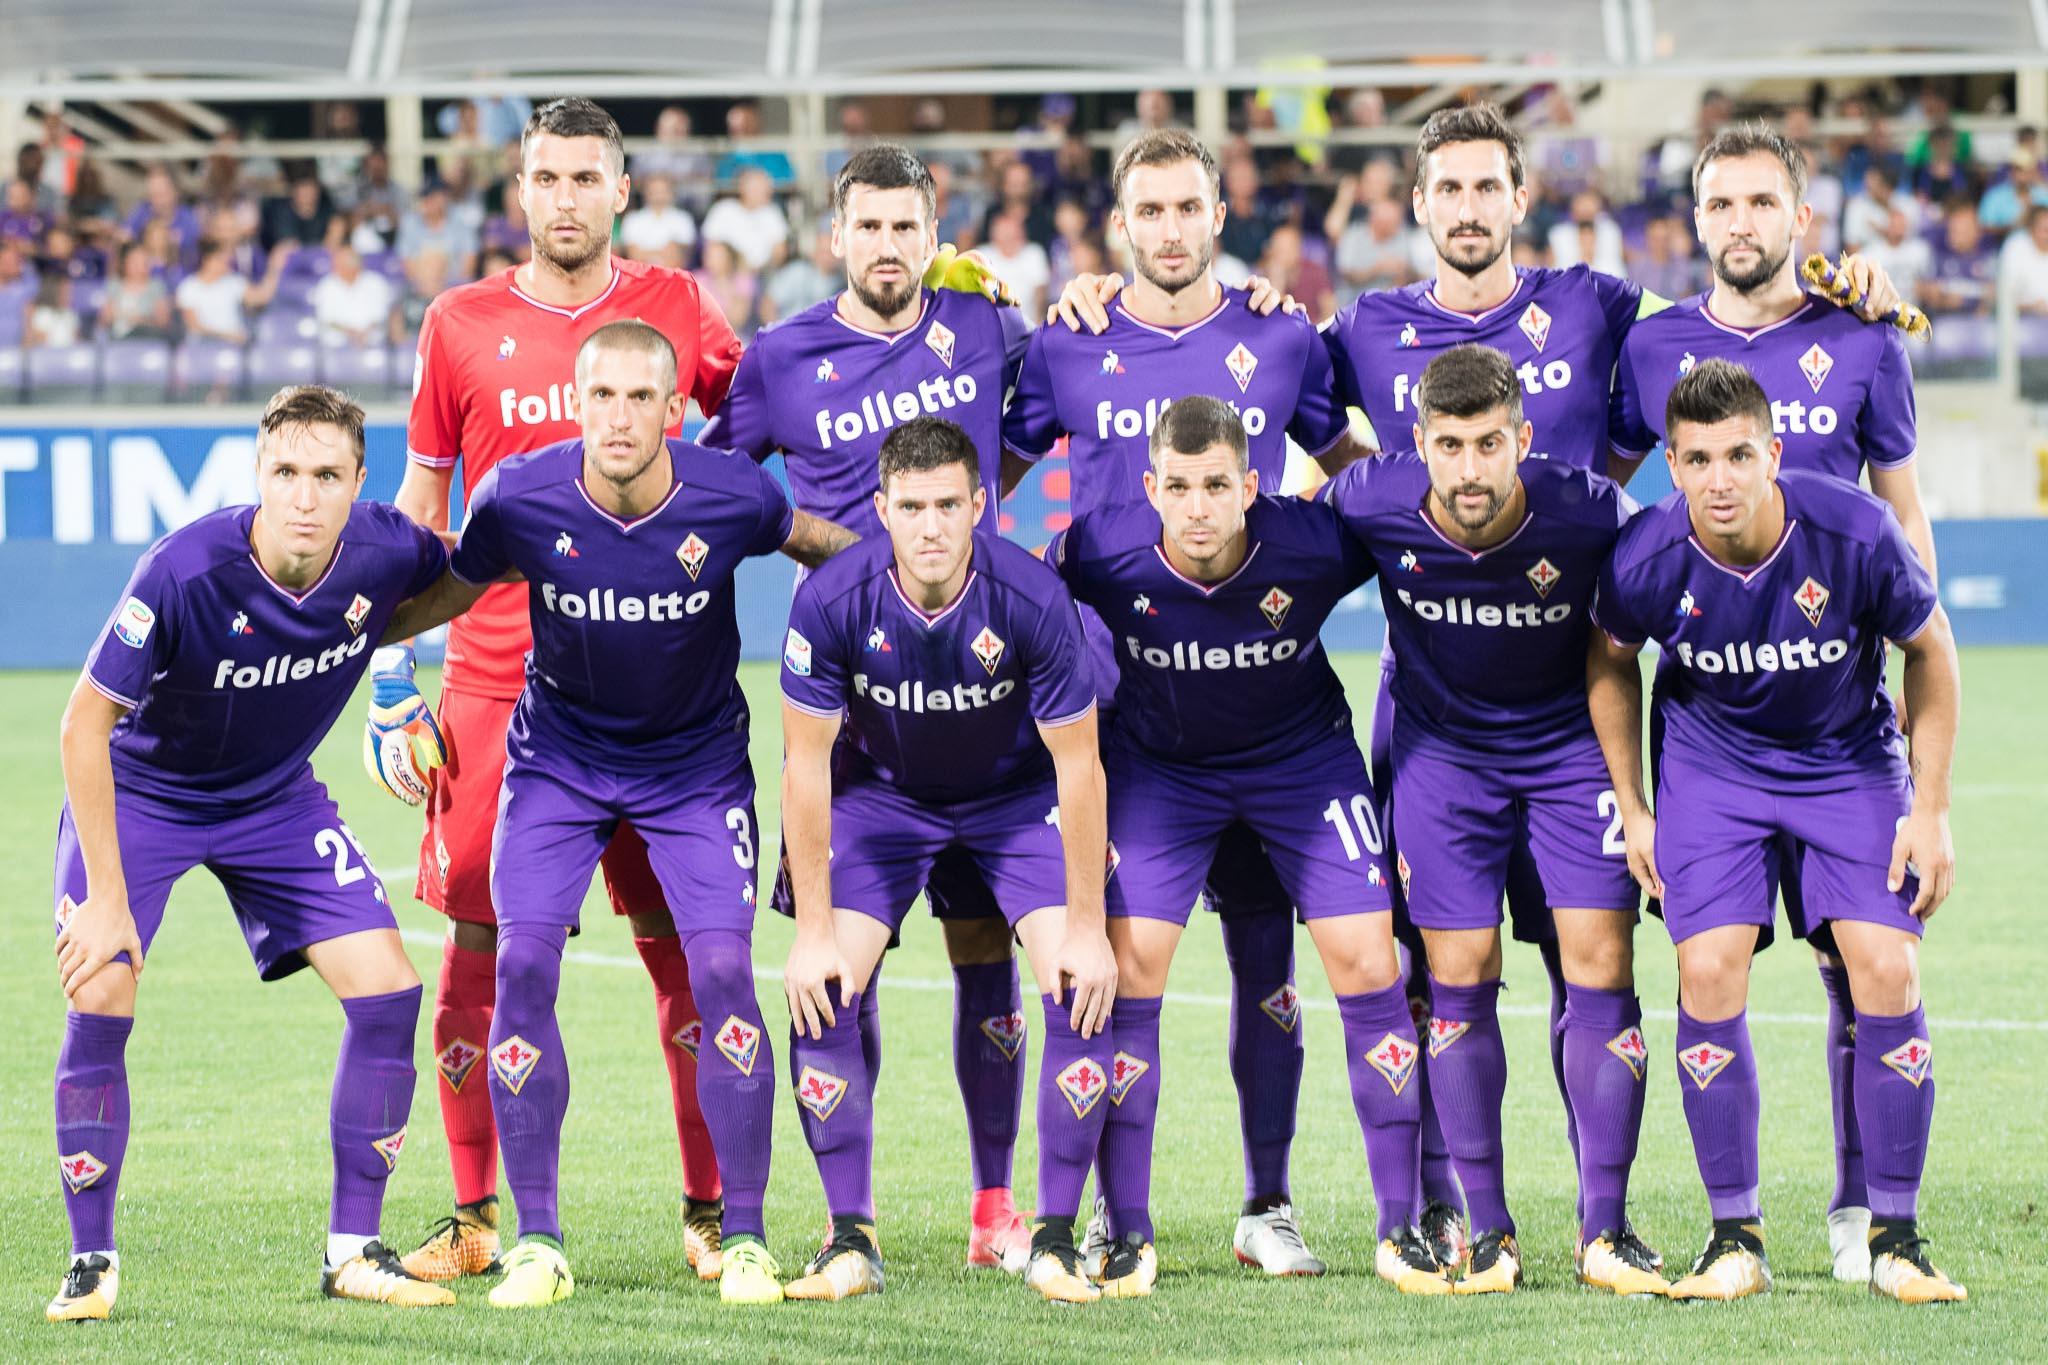 QS-La Nazione: Fiorentina, ora riparti. A Verona con 1500 tifosi al seguito